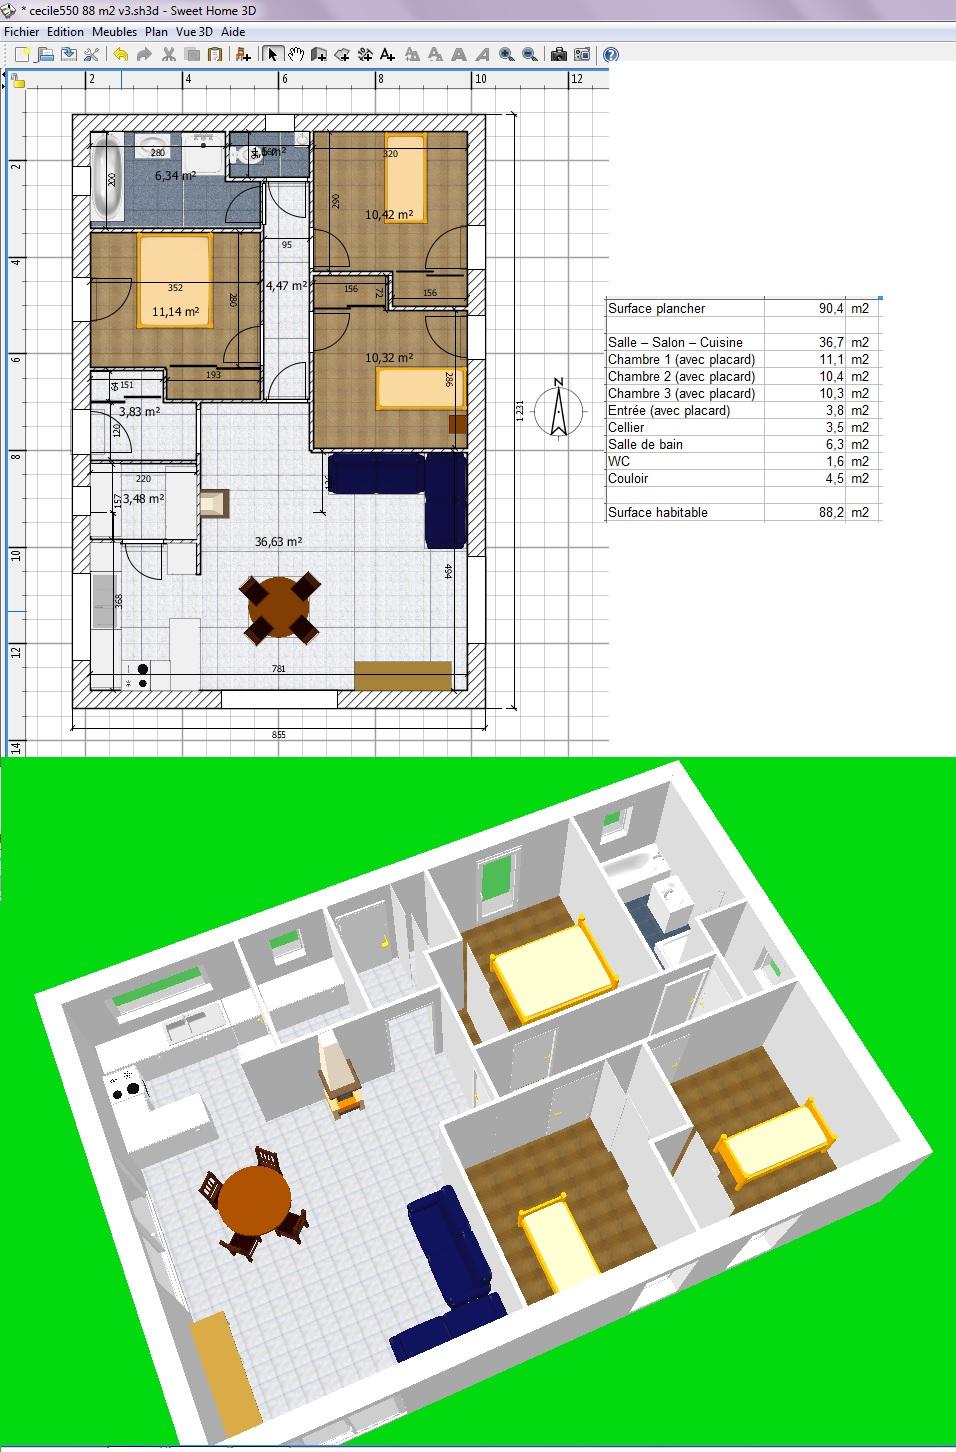 Plan de maison 2 chambres salon cuisine excellent maison for Plan de maison 2 chambres salon cuisine douche